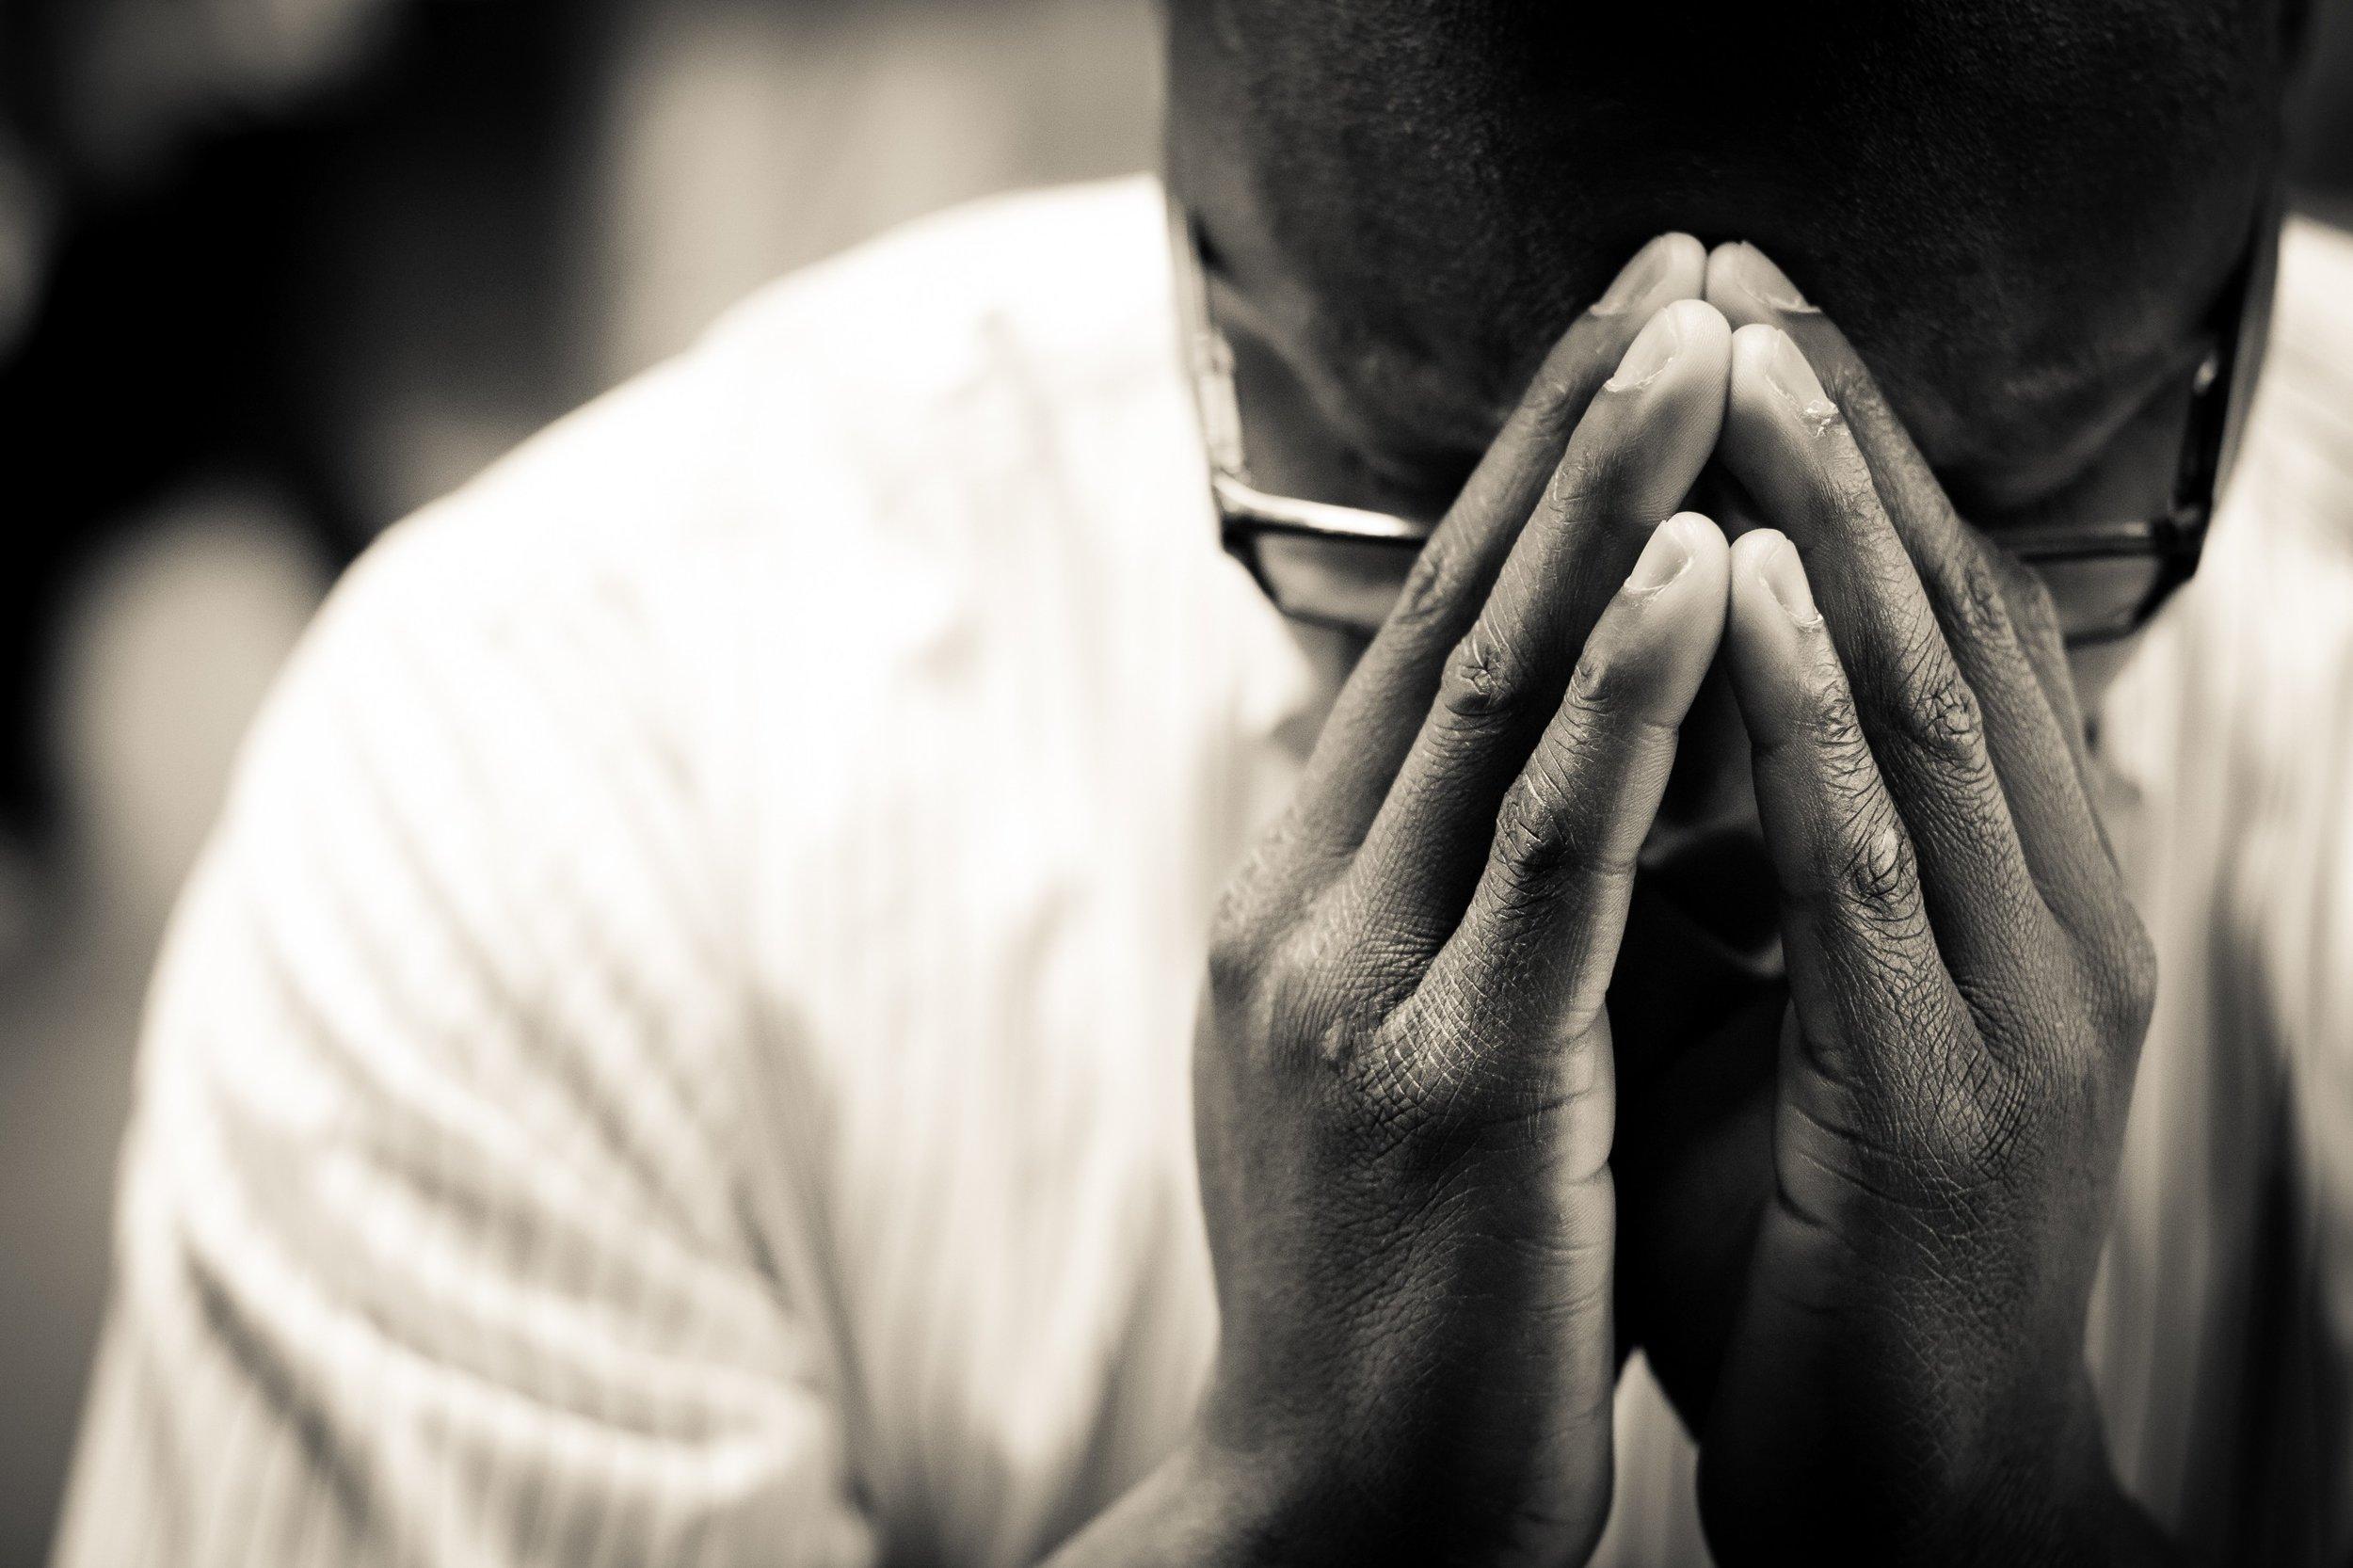 prayer-guide-image.jpg